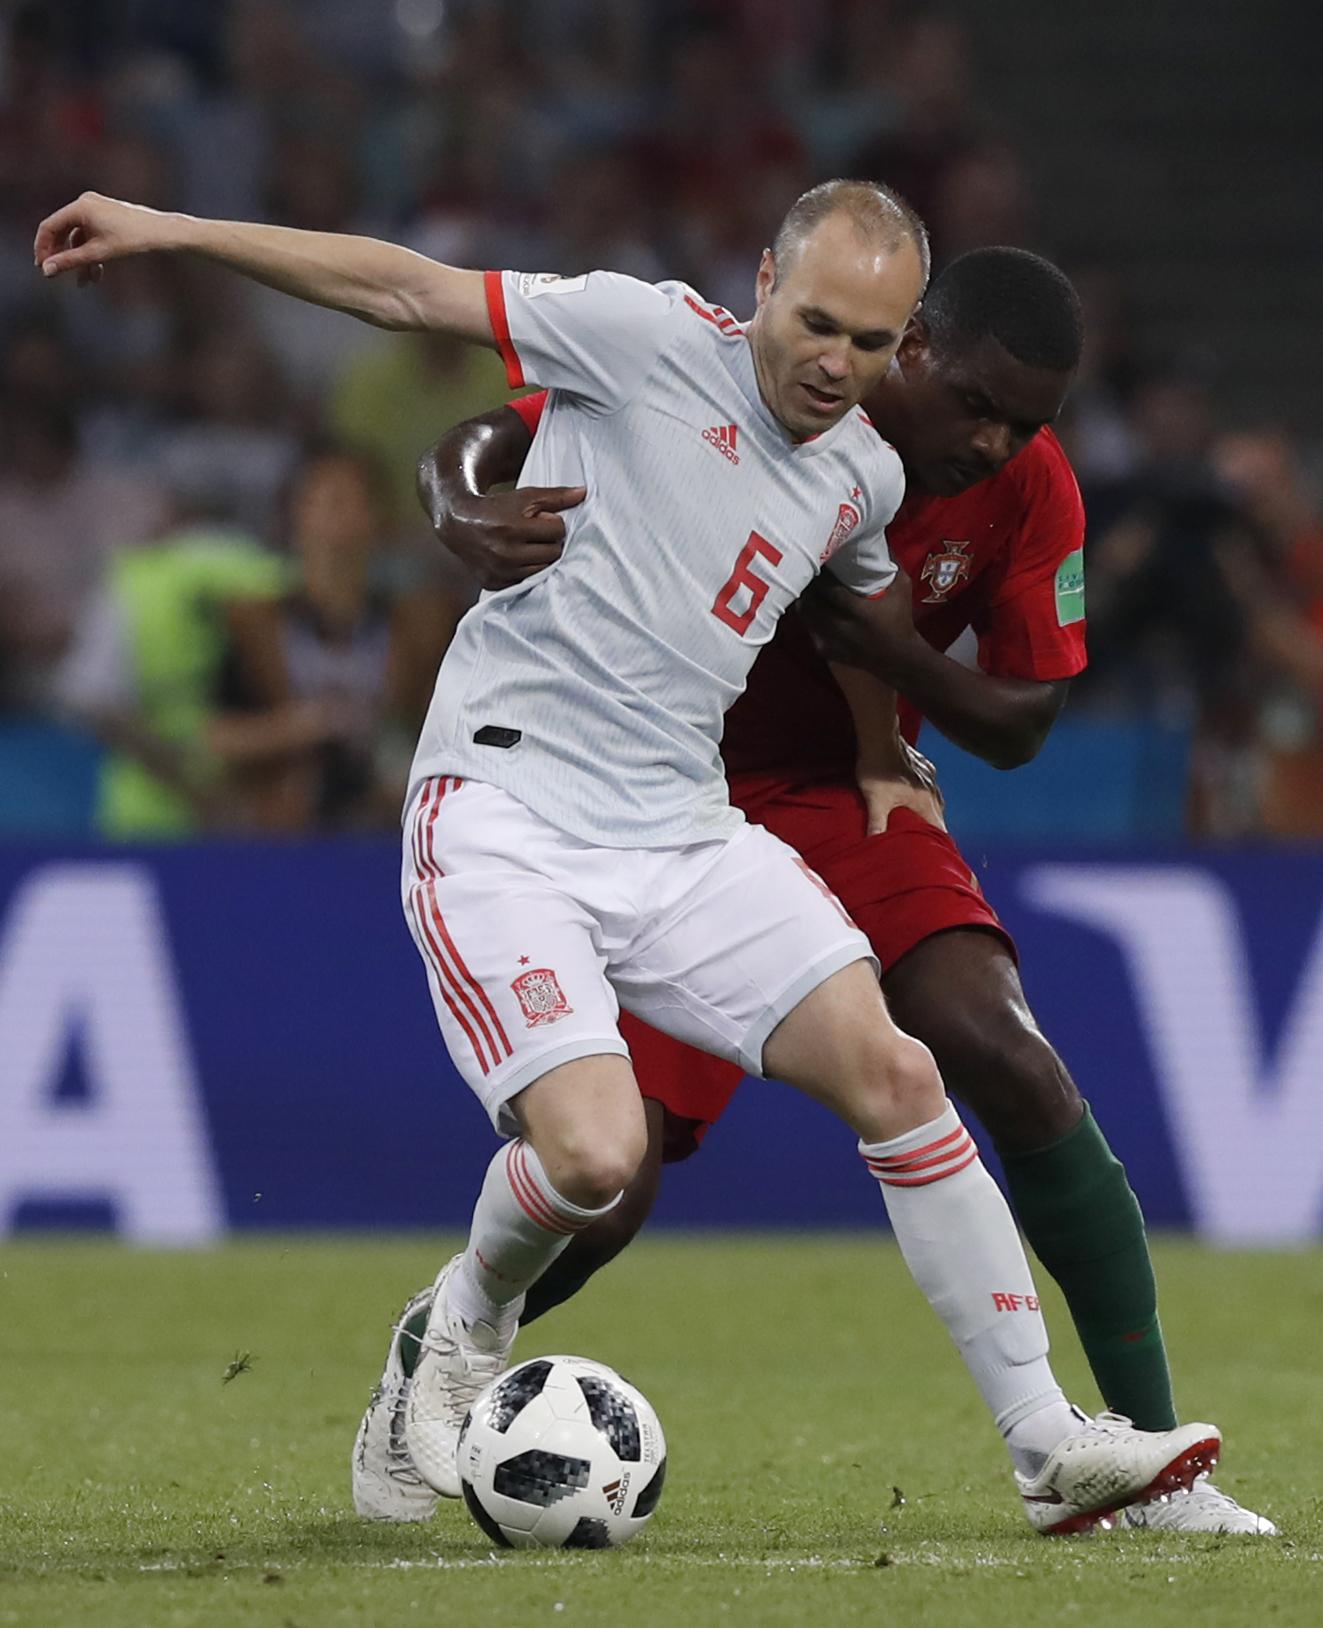 恩尼斯達(前)未已明言今屆是其最後一屆世盃,但未有明確表示退出國家隊日子。AP